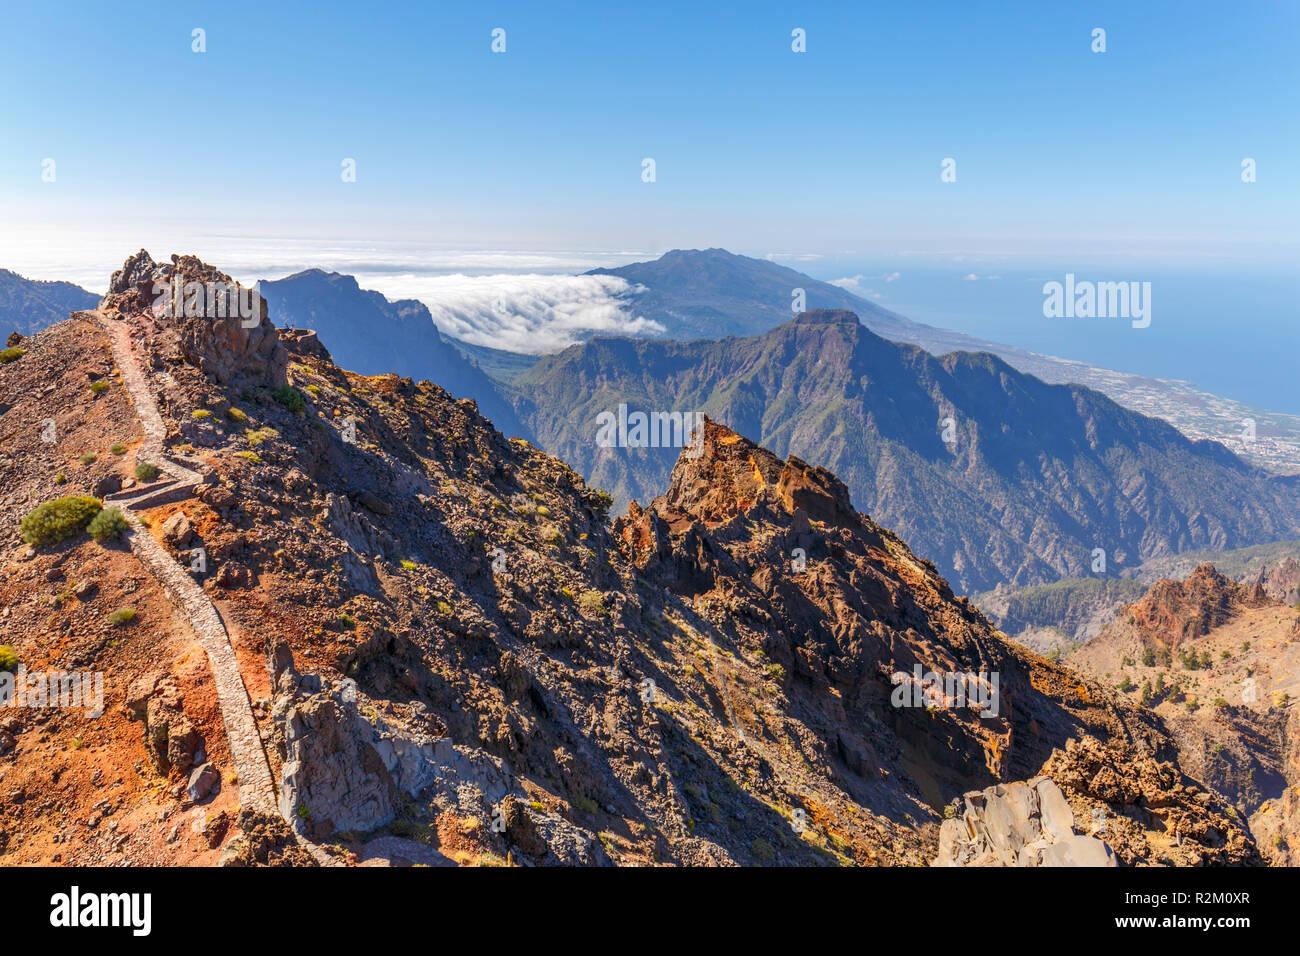 Caldera de Taburiente Natoional Park seen from Roque de los Muchachos Viewpoint, La Palma, Canary Islands - Stock Image